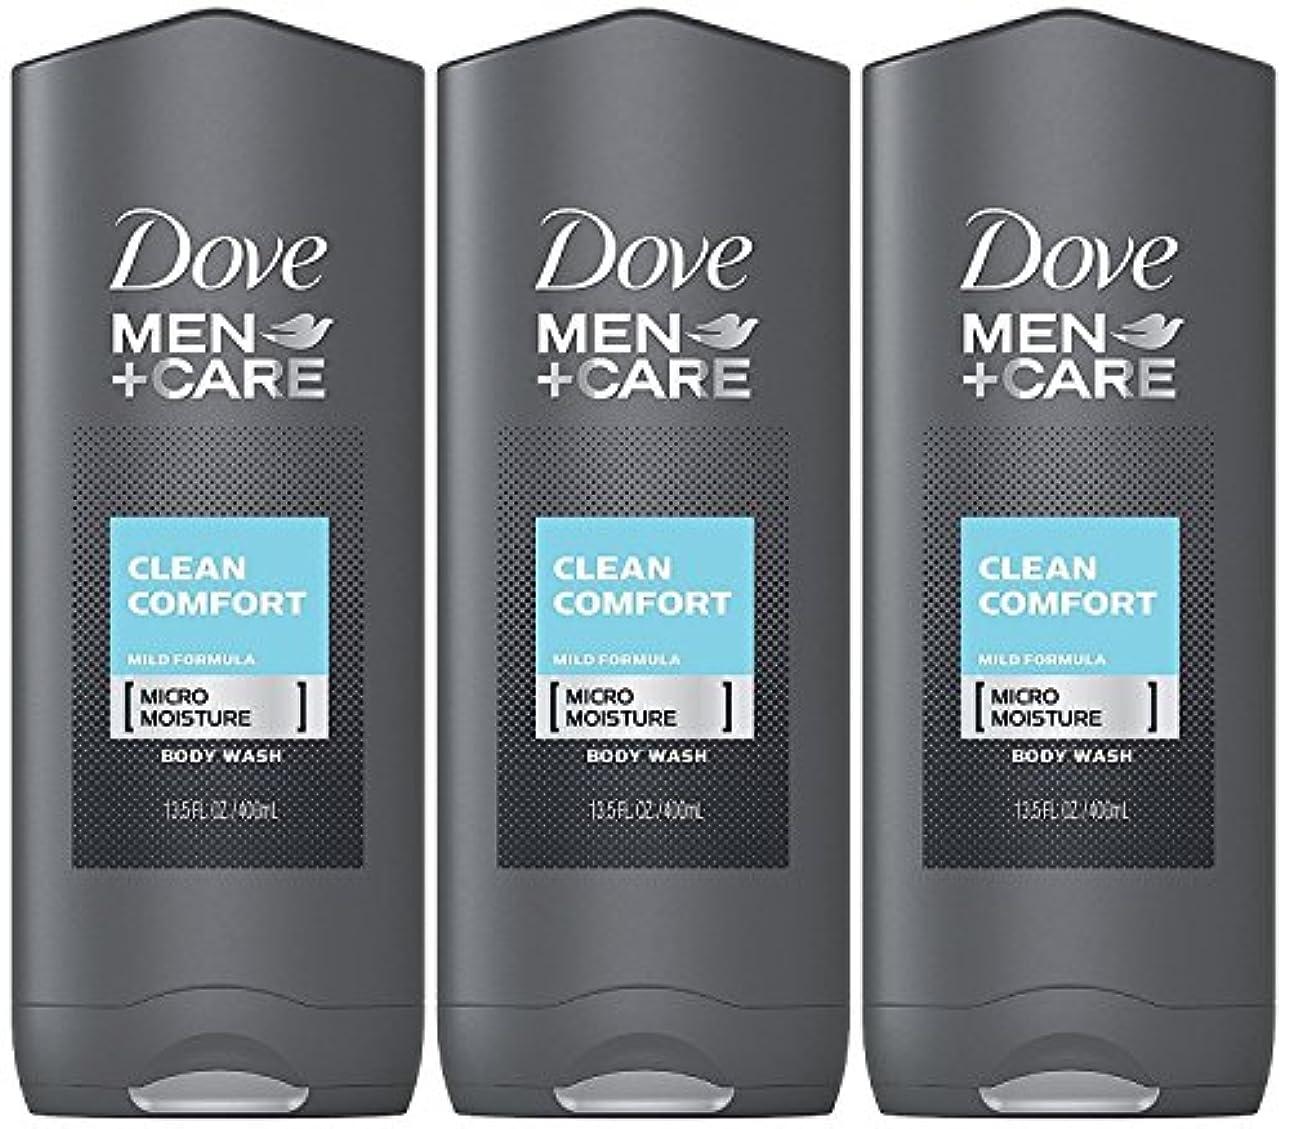 診断する常習的嫌がるDove Men Plus Care Body and Face Wash Clean Comfort , 13.5 Oz by Dove